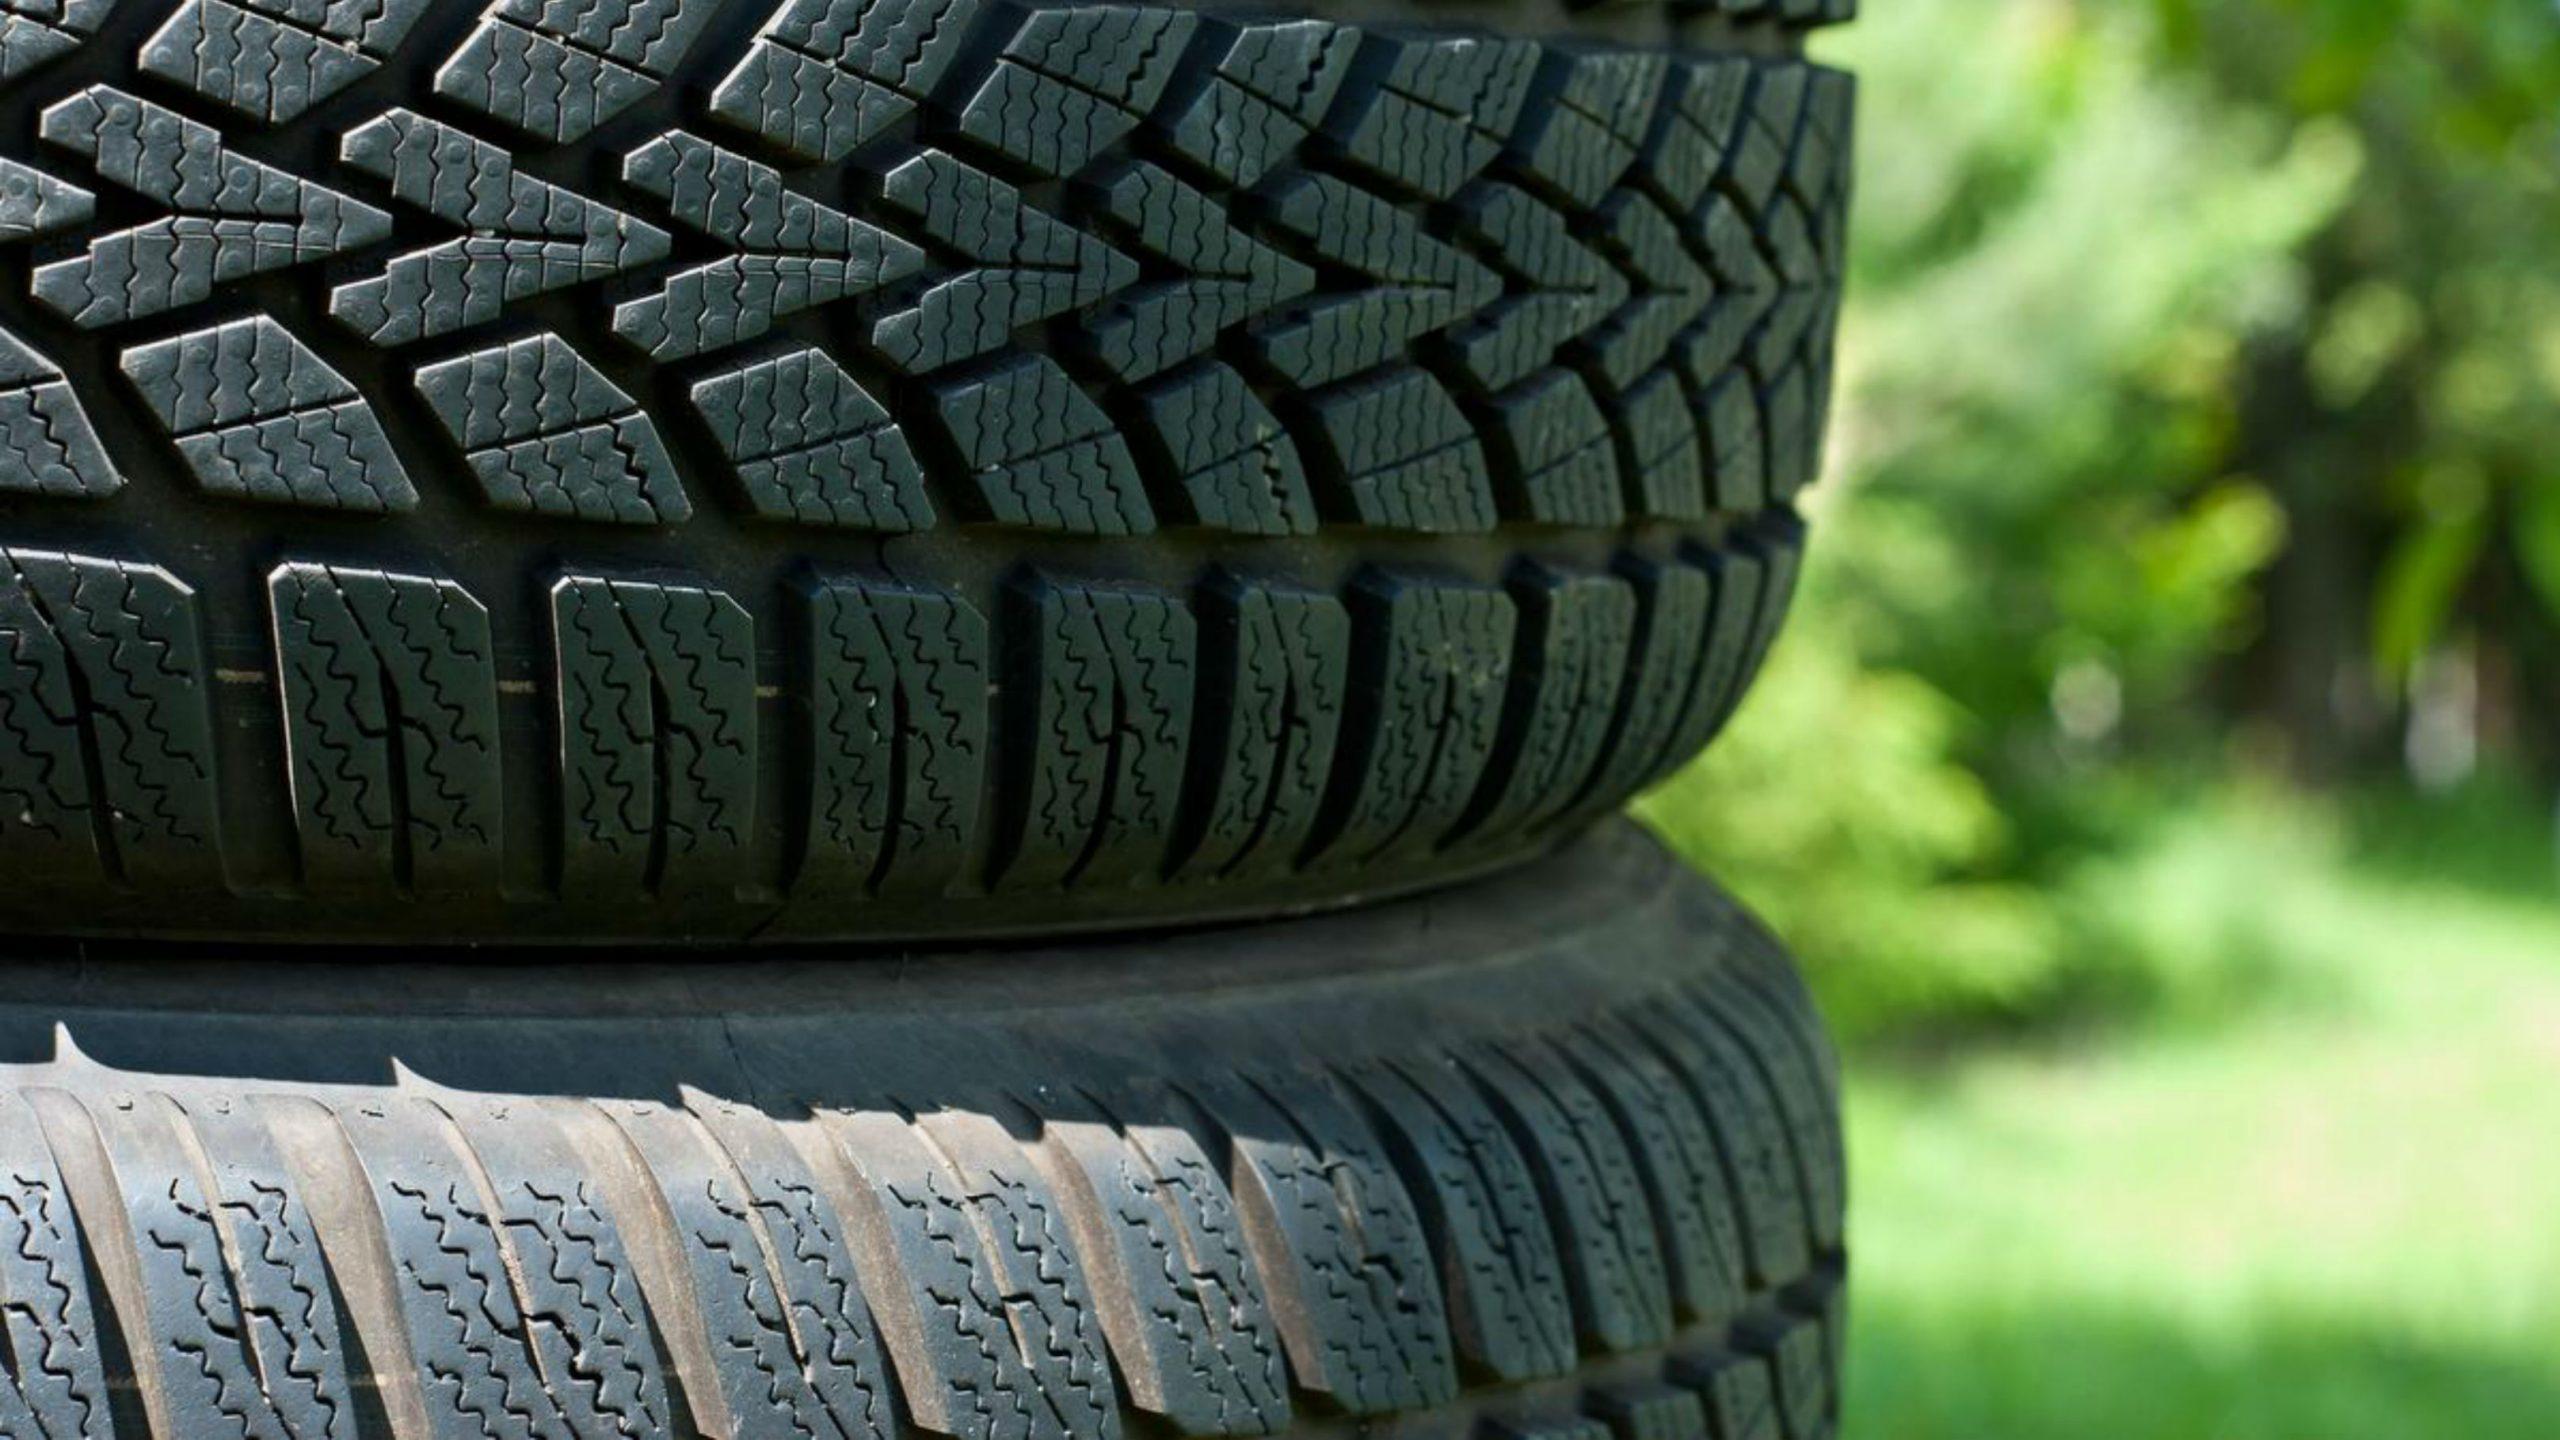 COVID-19 Winter Tires